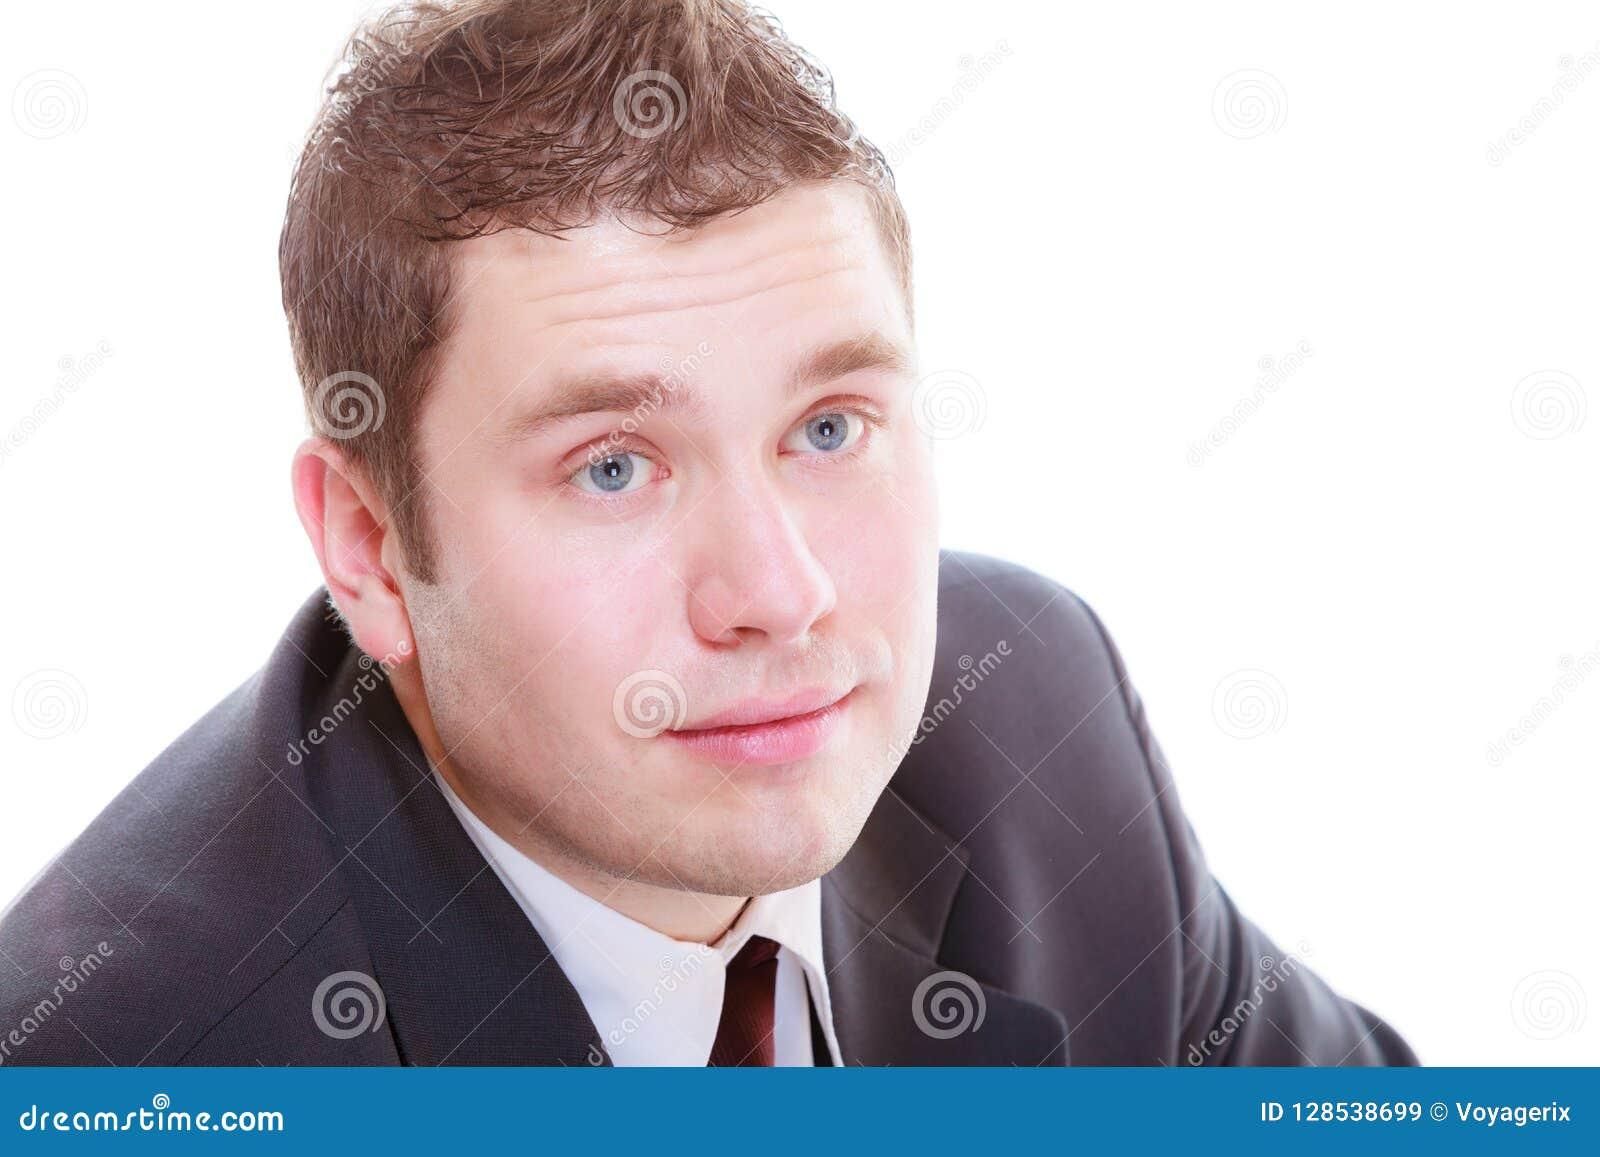 Handsome man in elegant suit